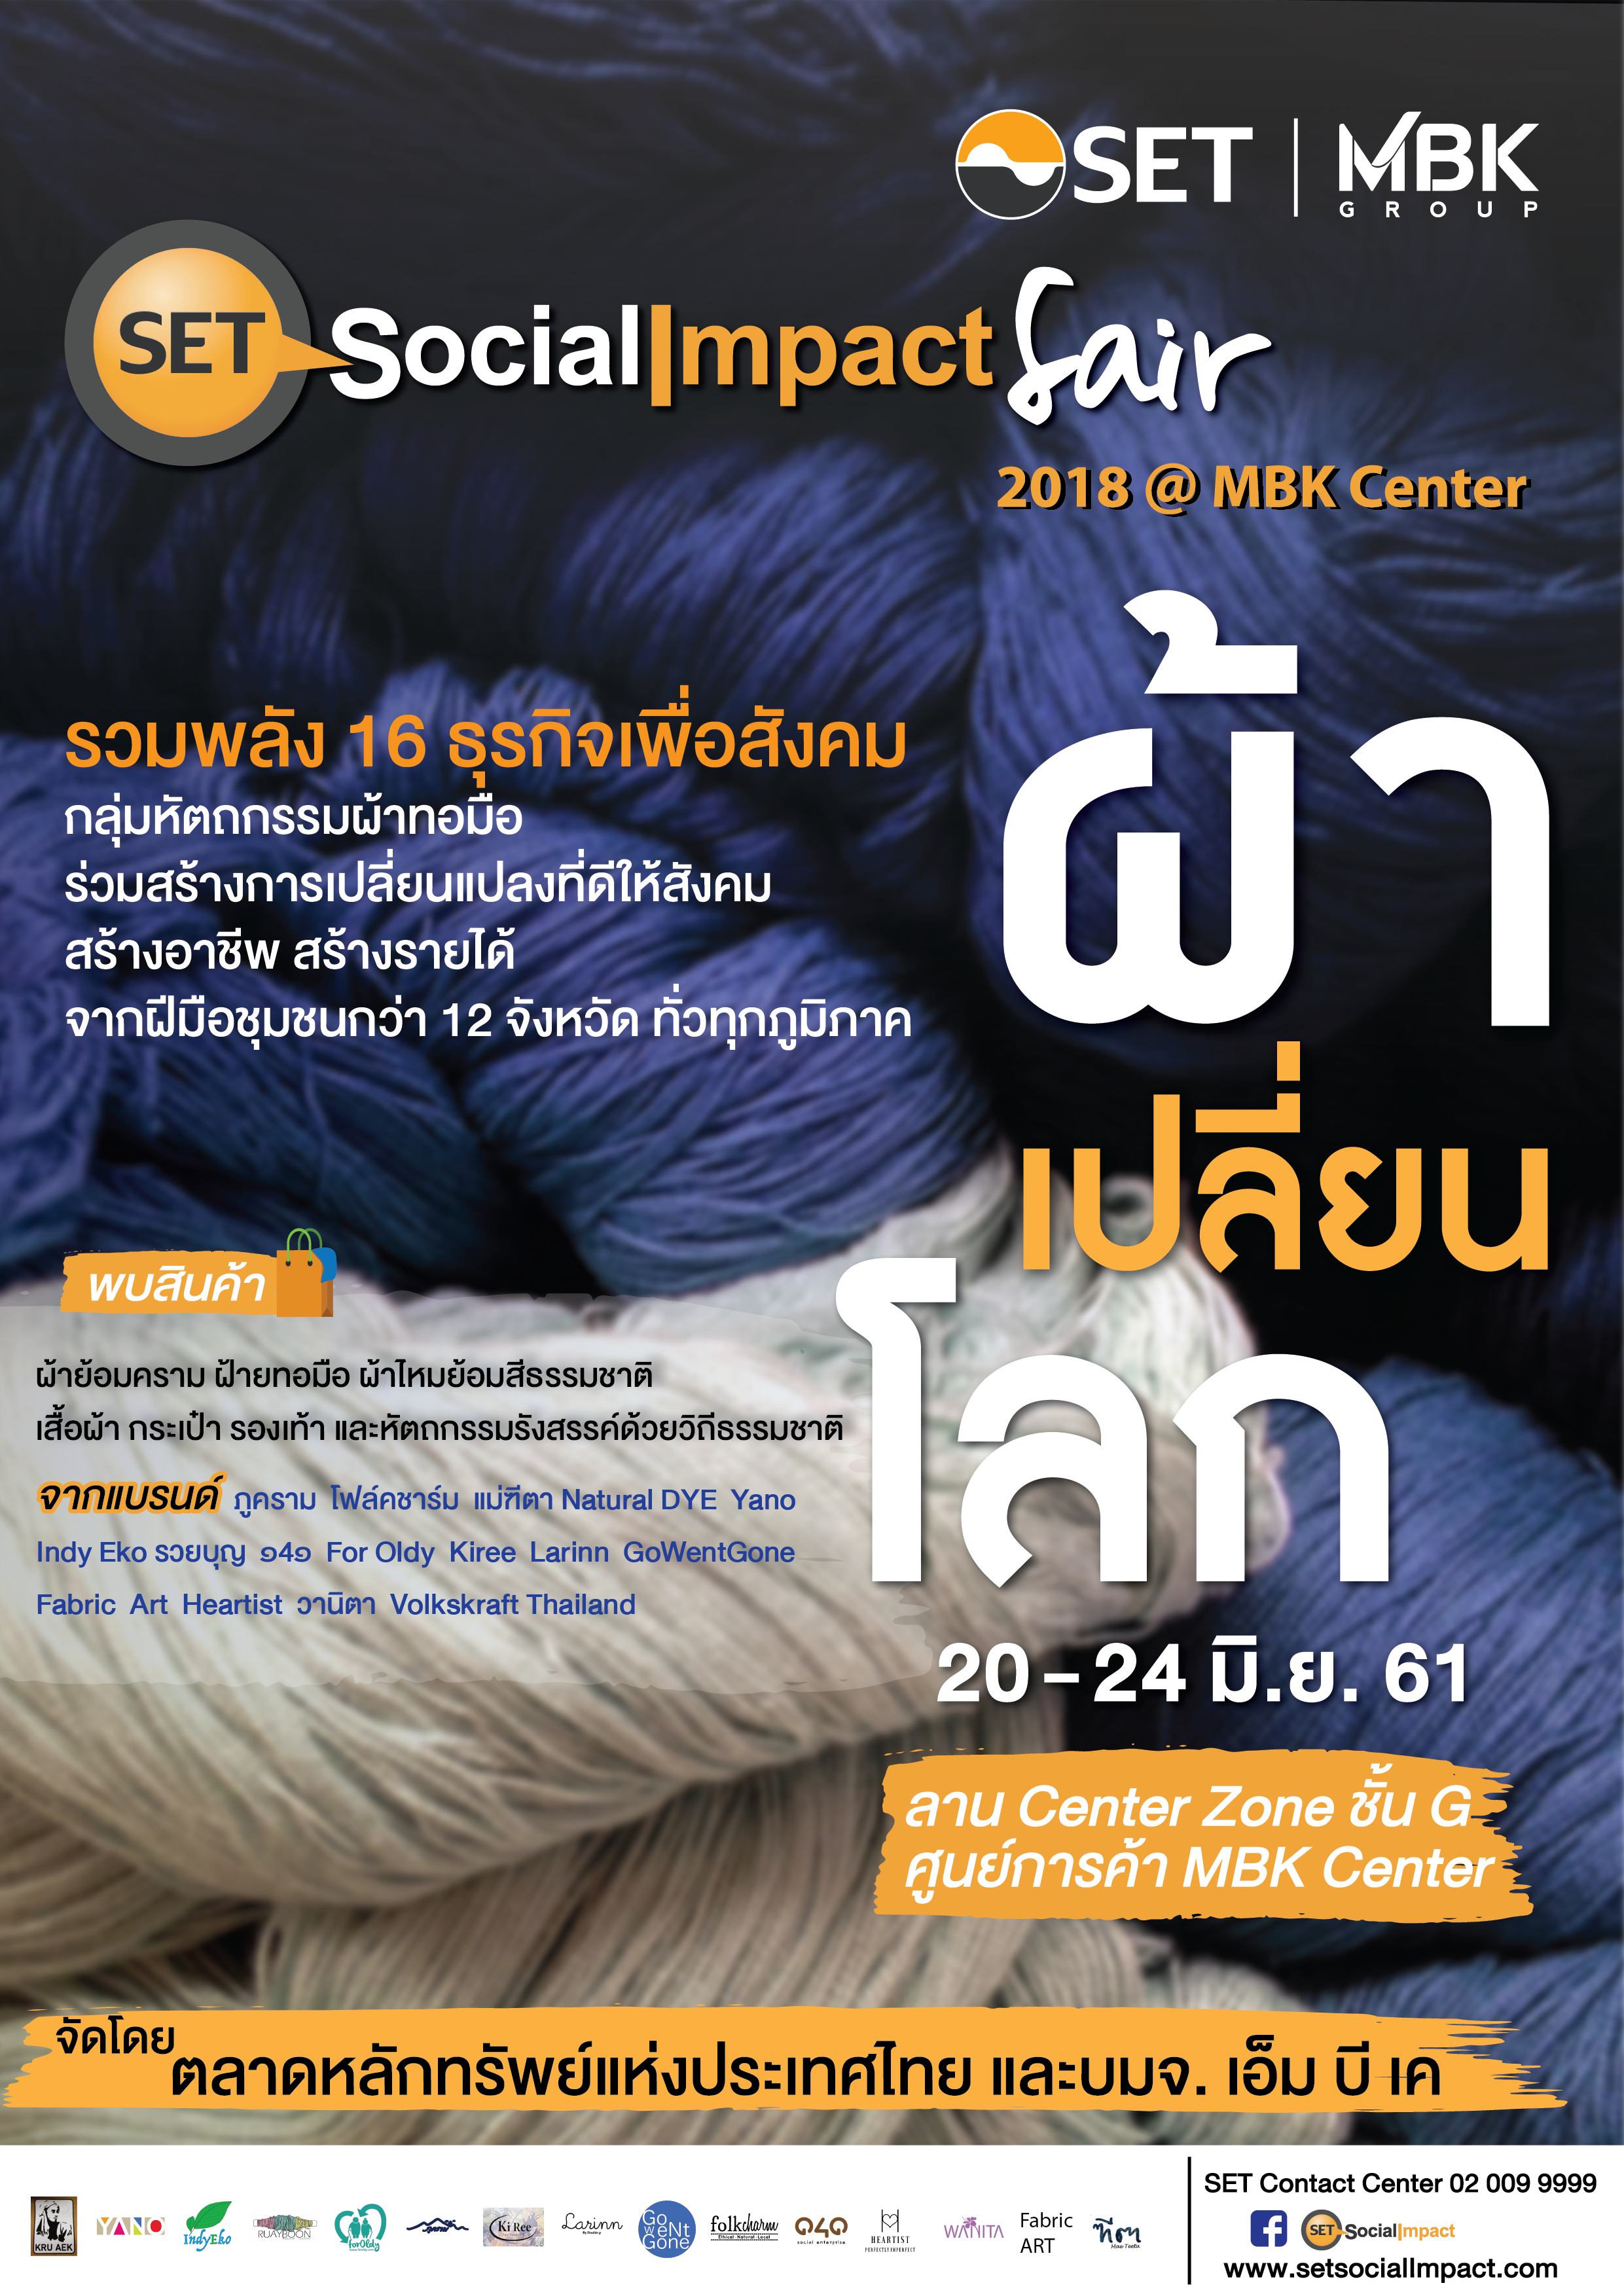 SET Social Impact Fair 2018